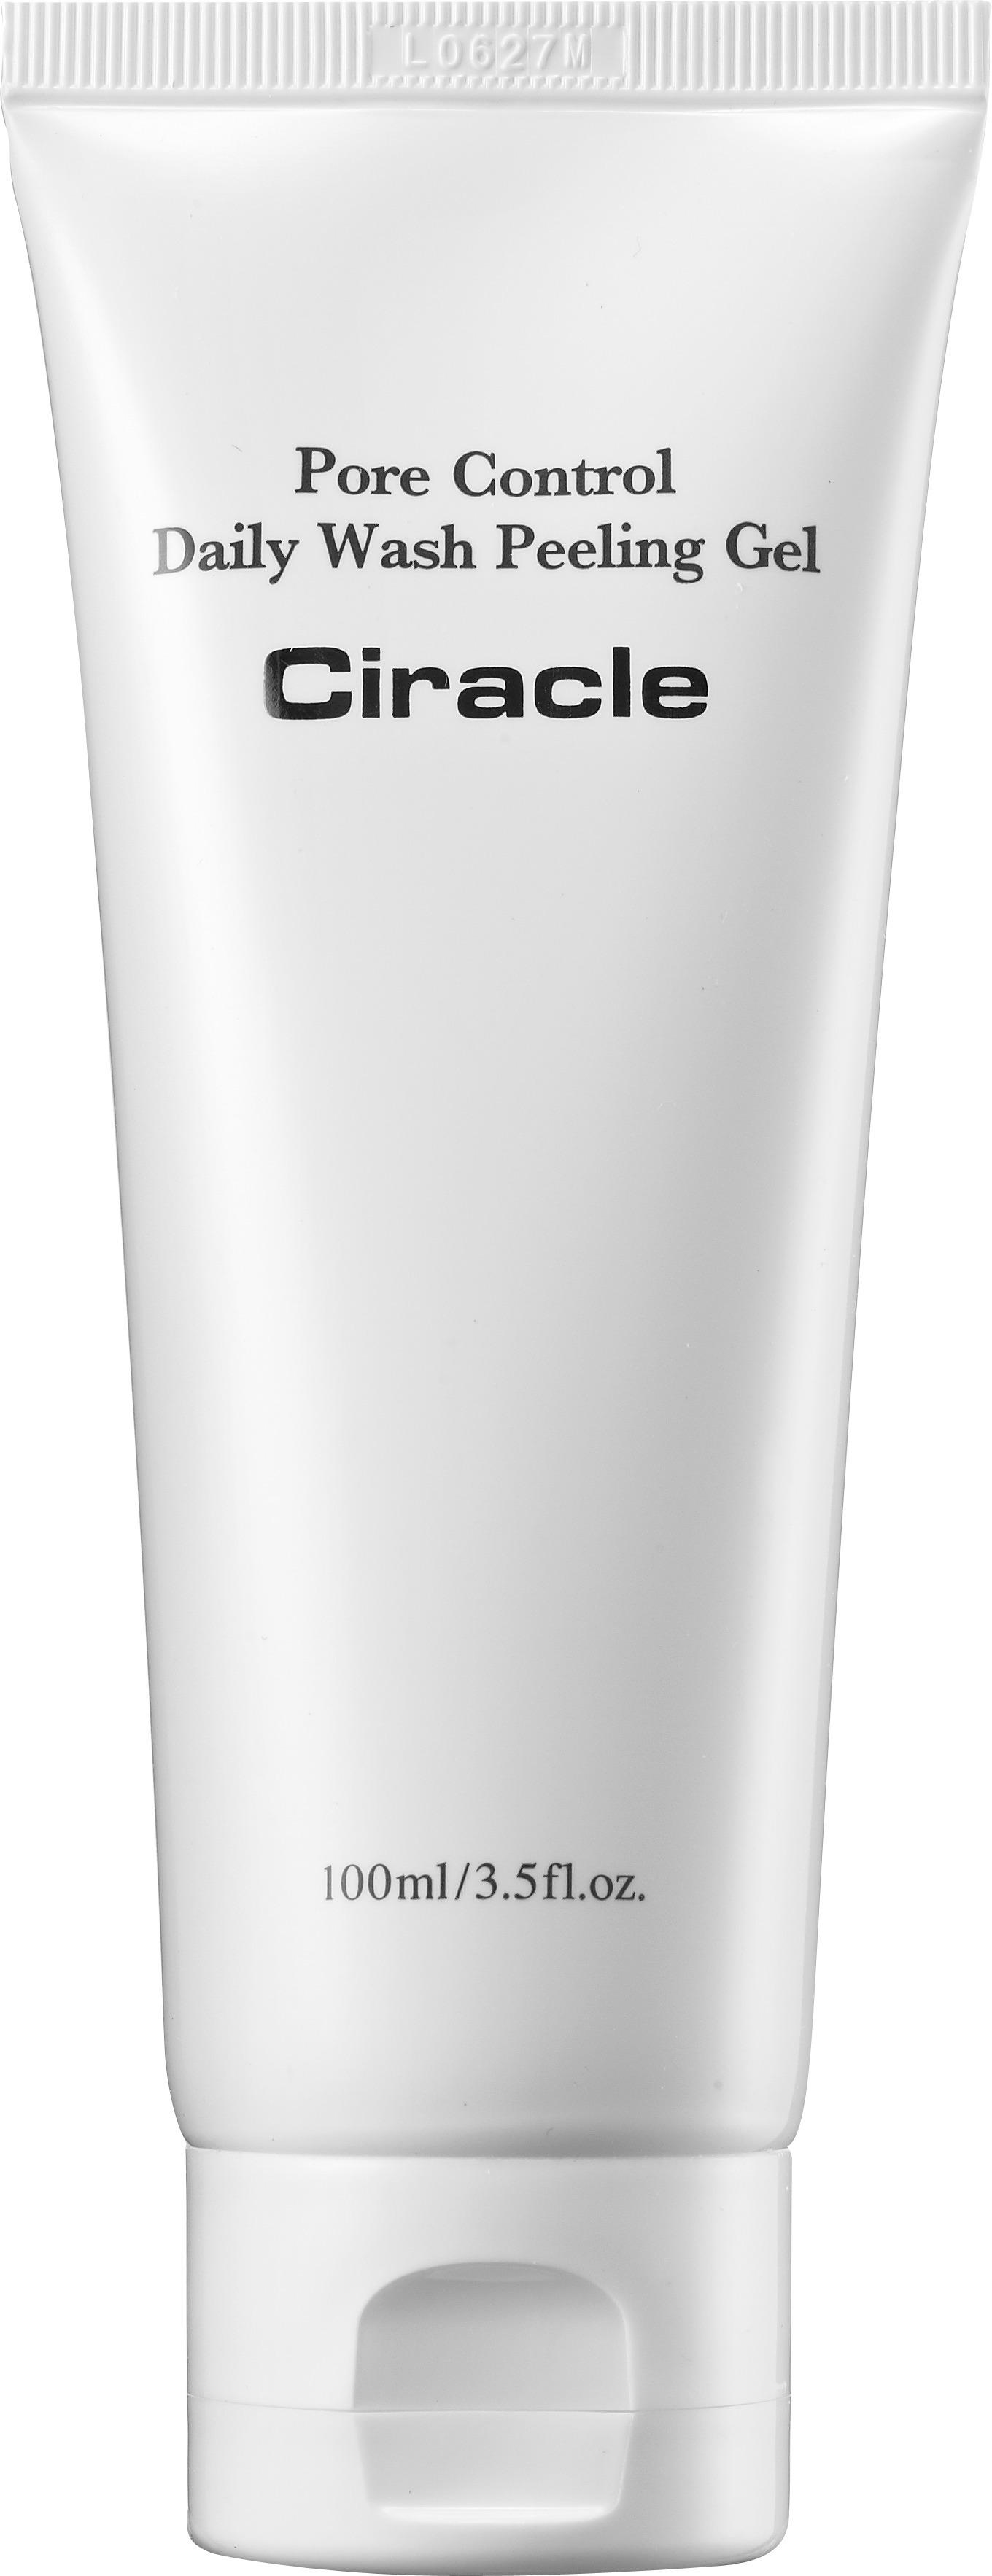 Ciracle Pore Control Daily Wash Peeling GelГелевый пилинг с активными энзимами папайи Ciracle Pore Control Daily Wash Peeling Gel способствует глубокой очистке кожи от загрязнений на салонном уровне.<br><br>Пилинг позволяет избавиться от мертвых клеток эпителия, очистив поры от сальных пробок и сузить их. Осветляющий эффект производится благодаря энзимам папайи, которые содержат витамин С и не только выравнивают цвет лица, но и отслаивают &amp;laquo;груз&amp;raquo; частичек кожного покрова, не позволяющего коже дышать и обновляться.<br><br>Масло апельсина обладает заживляющими свойствами, выводит шлаки и токсичные загрязнения из глубин клеток, делая кожу оздоровленной, свежей и более устойчивой к резкой смене температуры.<br><br>Аллантоин регенерирует, обновляет и заживляет. Очищает поры. Предупреждает закупоривание и образование сальных пробок. Отшлифовывает рельеф кожи.<br><br>&amp;nbsp;<br><br>Объём: 100 мл<br><br>&amp;nbsp;<br><br>Способ применения:<br><br>Гель-пилинг применяется на сухой коже, производится очищающий легкий массаж, затем средство удаляется водой.<br>